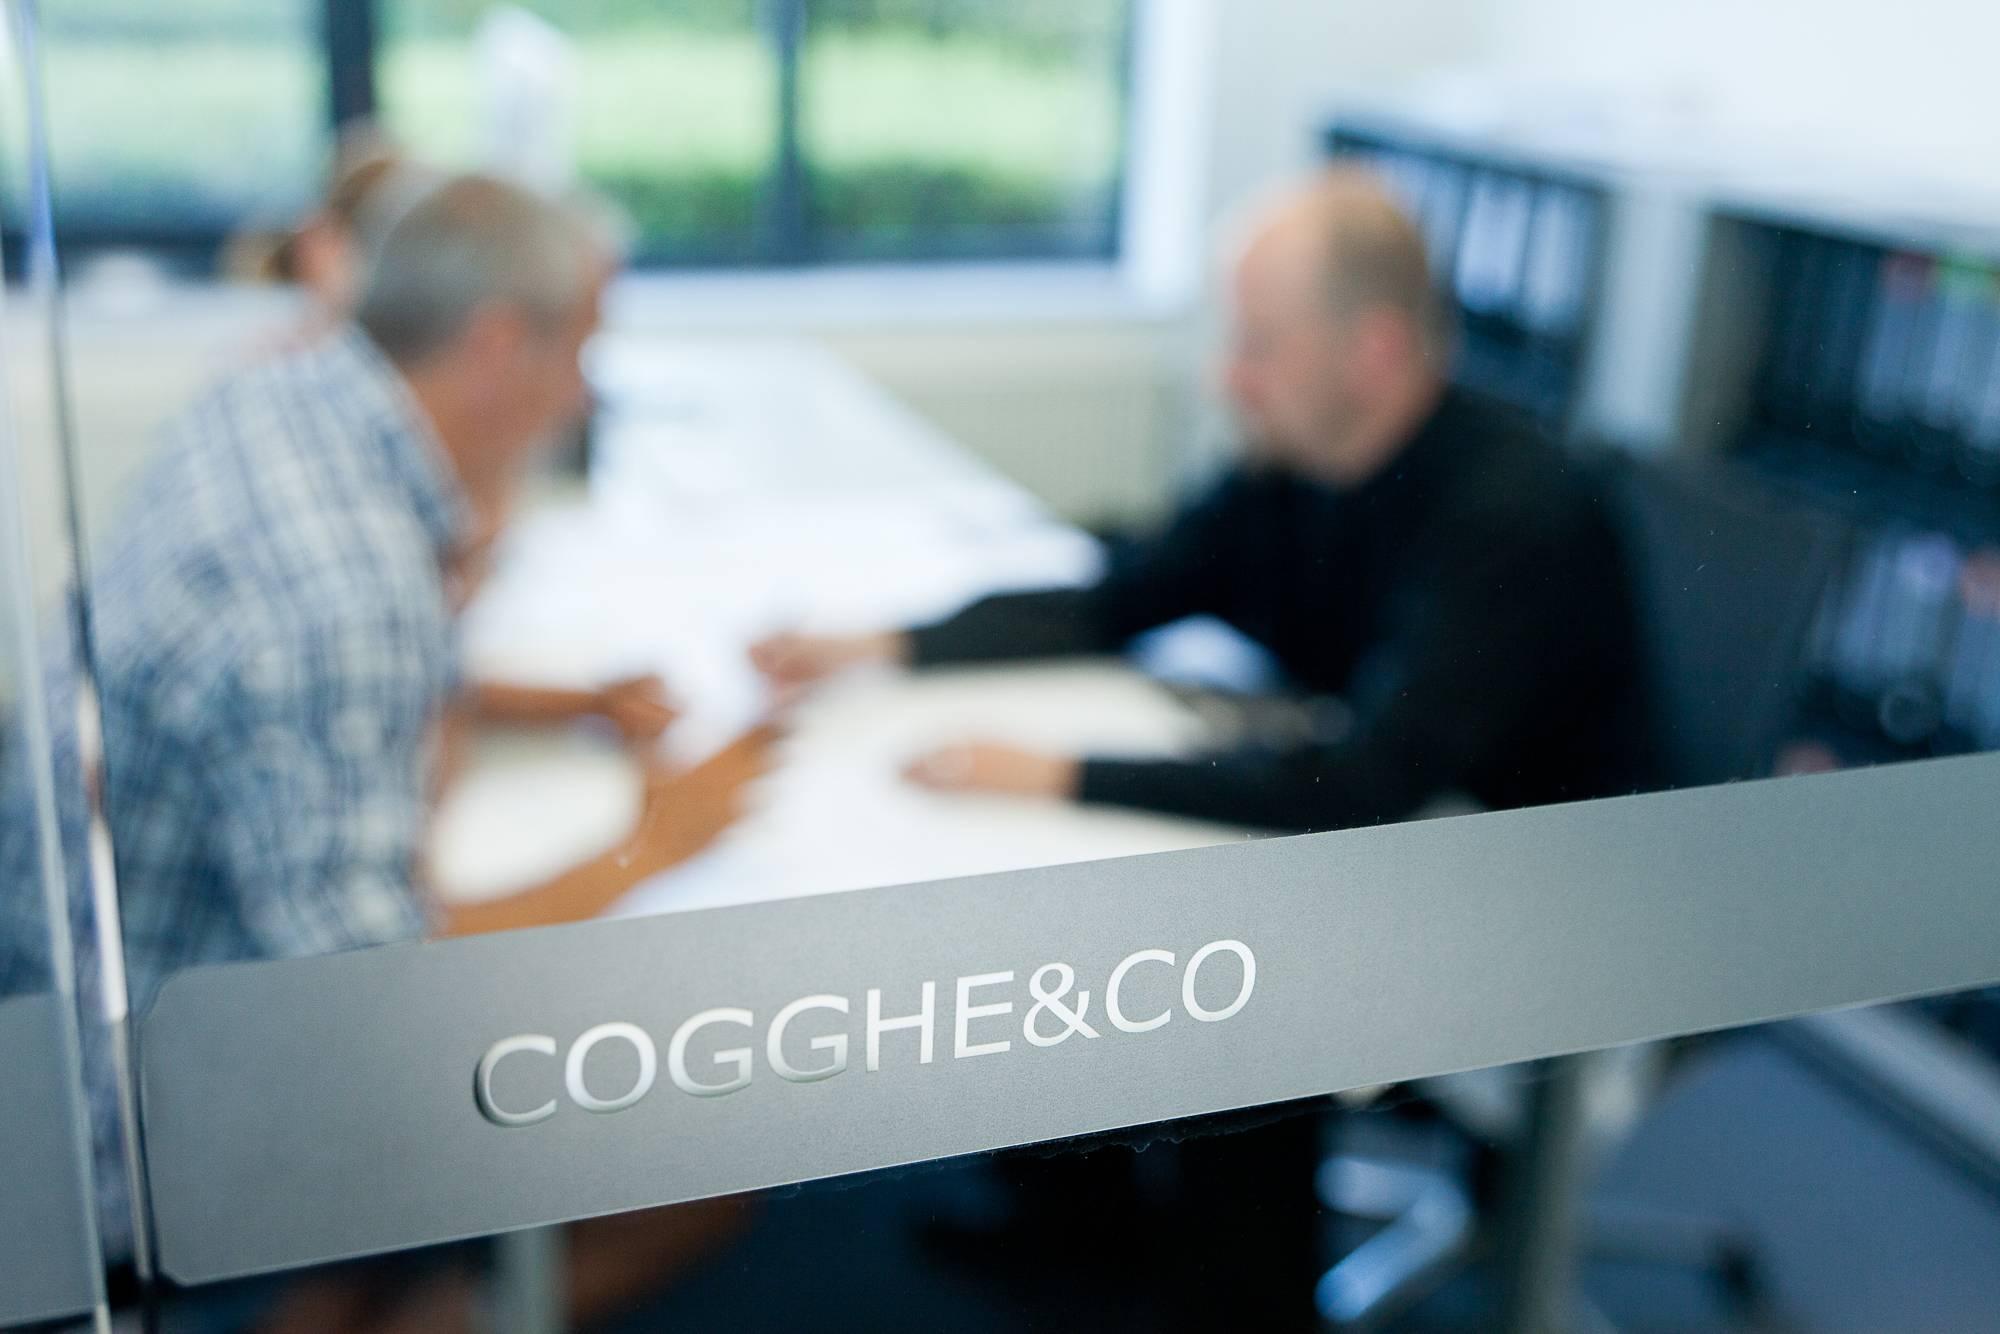 Cogghe & co